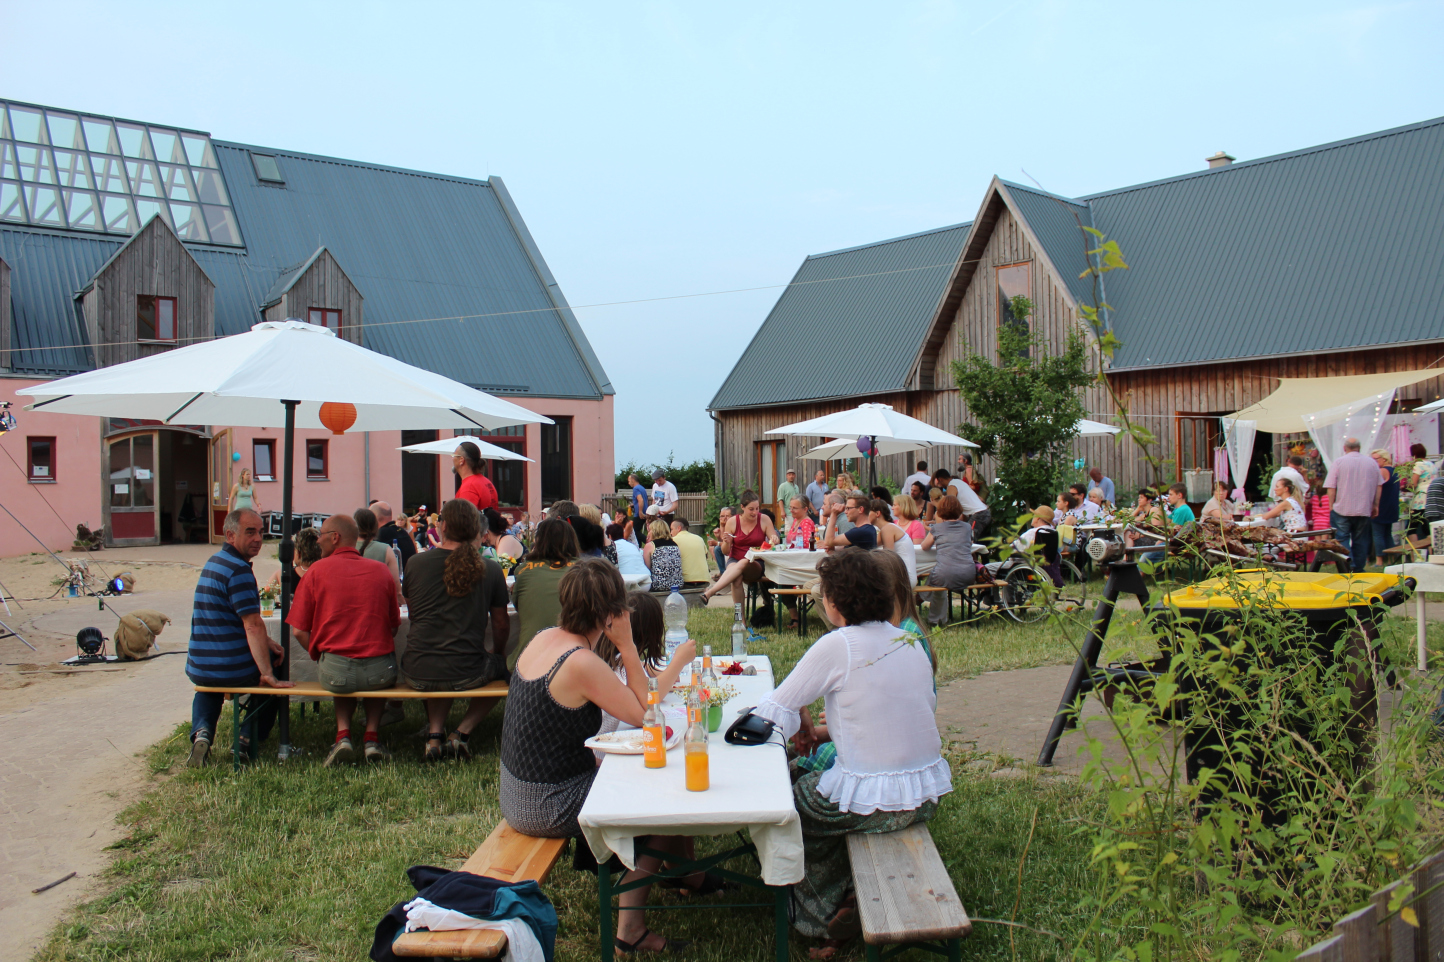 210119-kreative-mv-sommerliches-kulturcafe-luechow-Sophia-Warczak